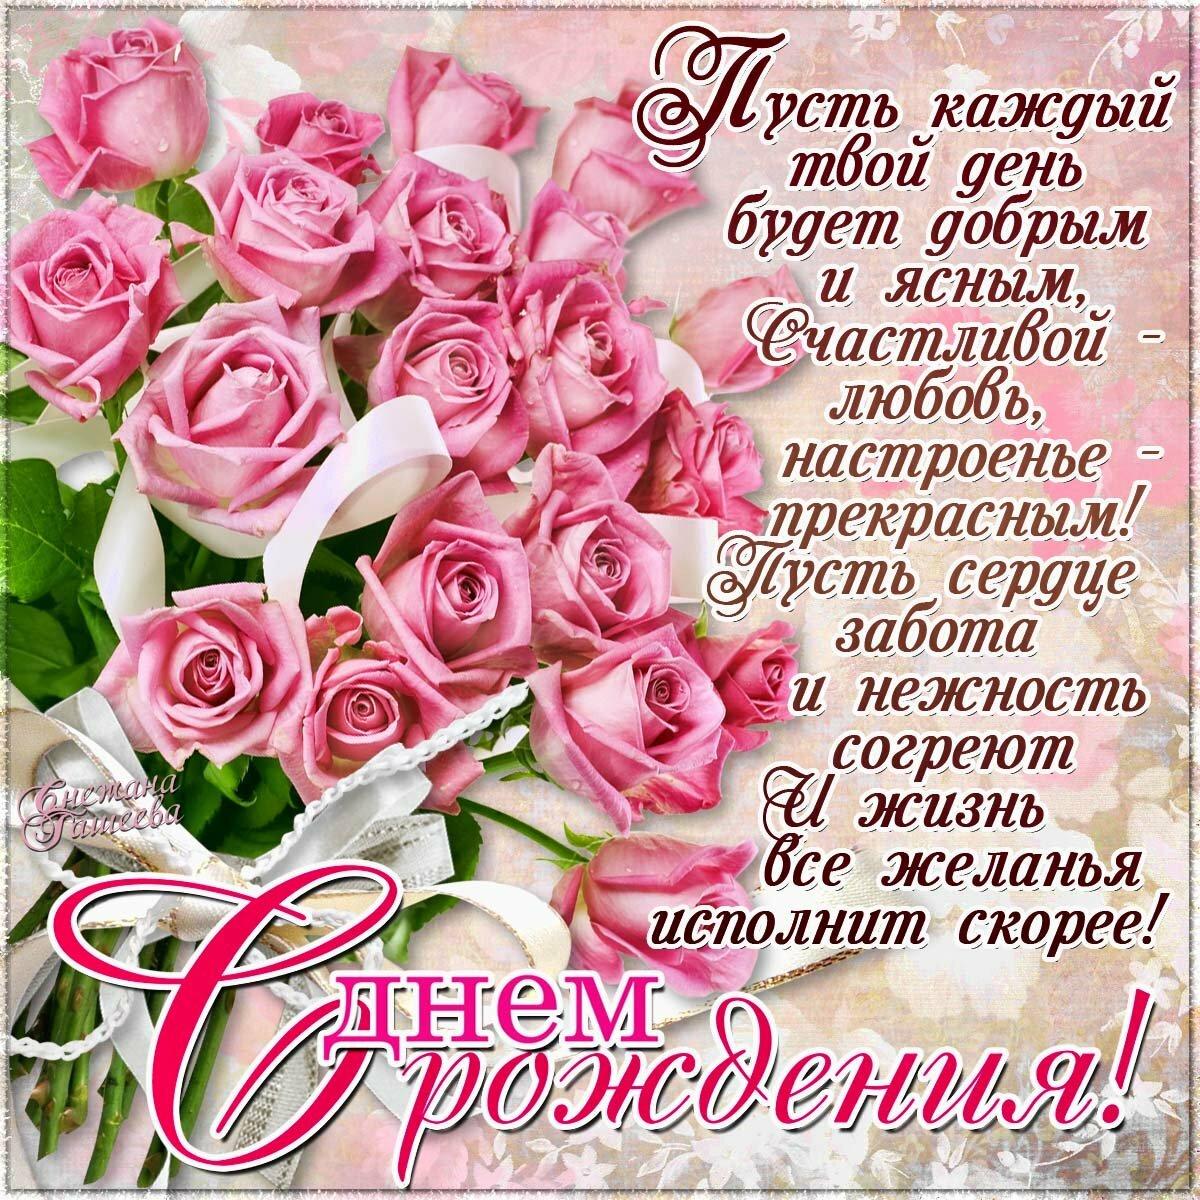 Поздравления с днем рождения с картинками в стихах красивые, своми руками день